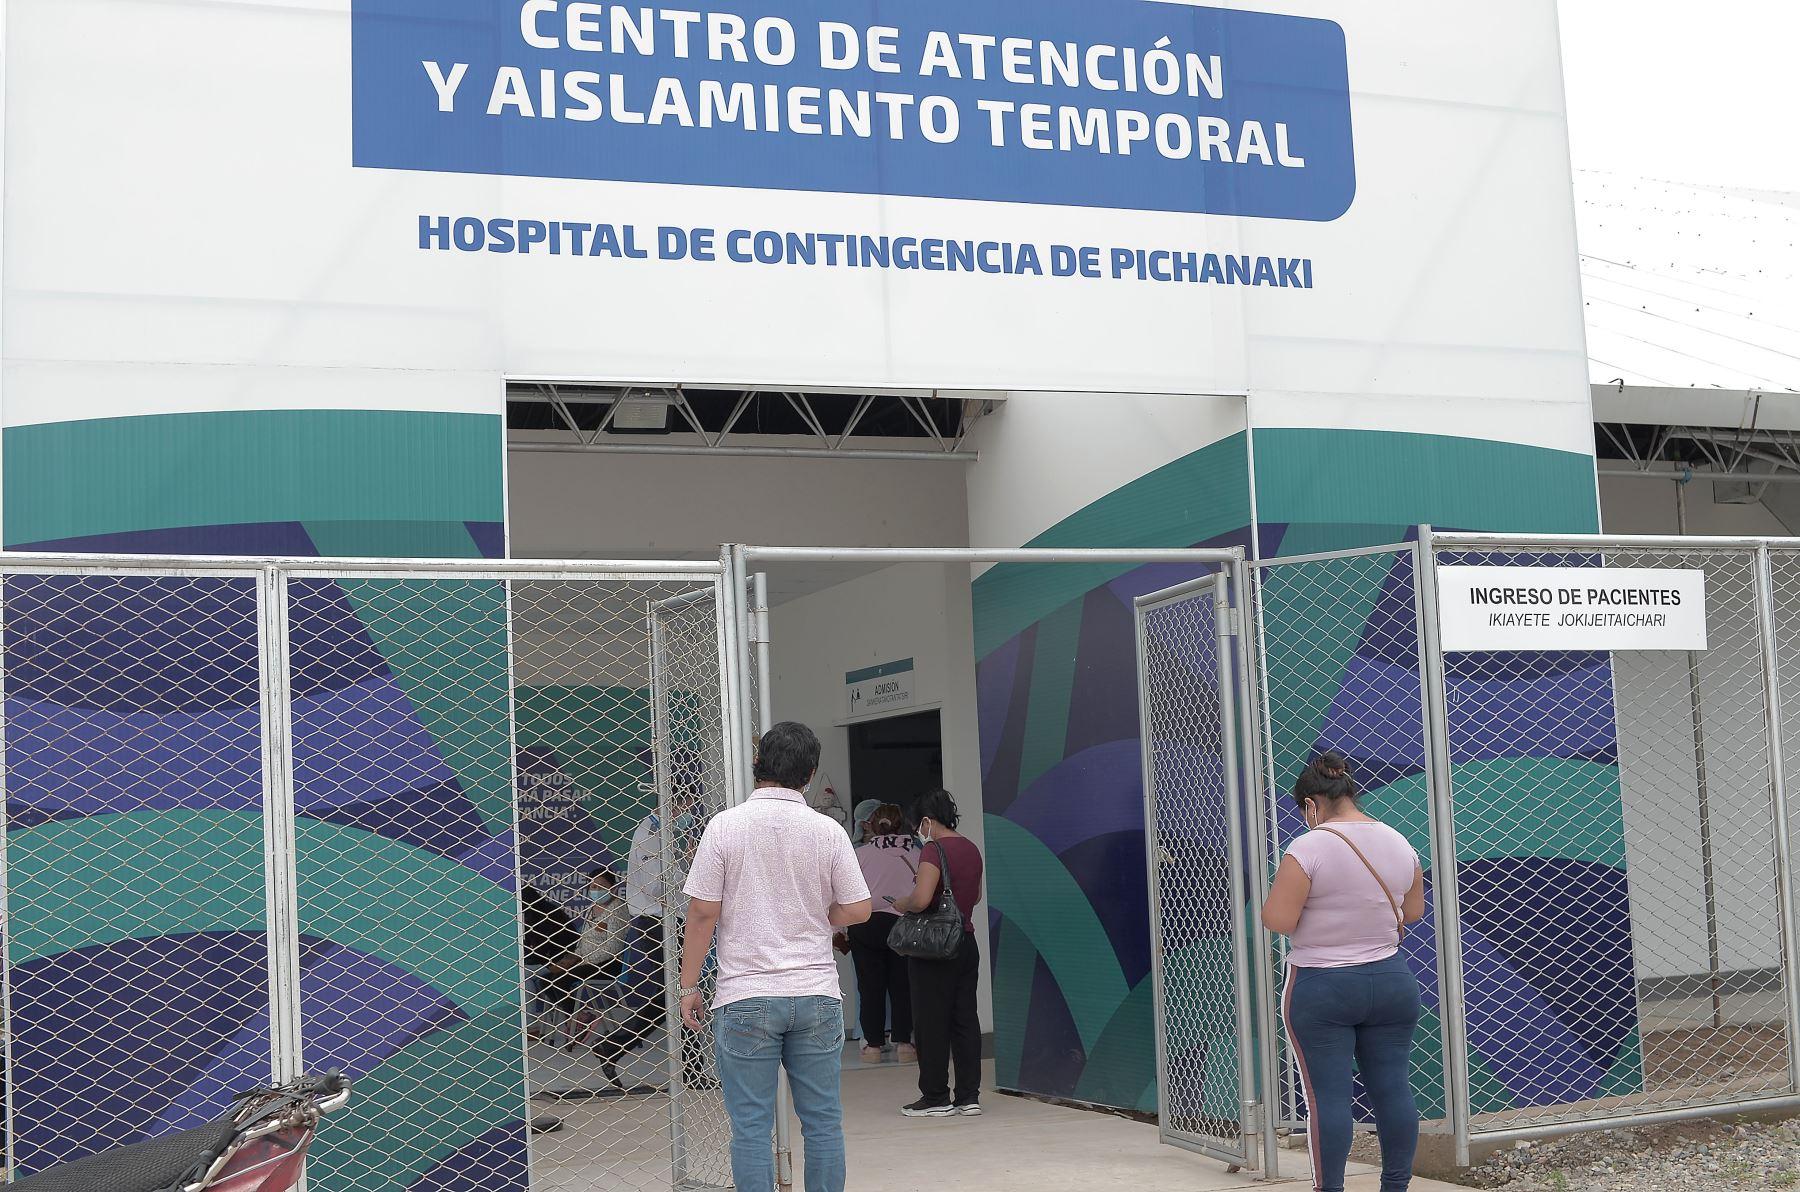 El Centro de Atención y Aislamiento Temporal de Pichanaqui, administrado por el Proyecto Especial Legado, se ha convertido en un soporte crucial en la lucha contra el covid-19 en la región Junín. Gracias a su planta de producción de oxígeno medicinal que abastece a los centros hospitalarios aledaños .Foto. ANDINA/ Legado Lima 2019.